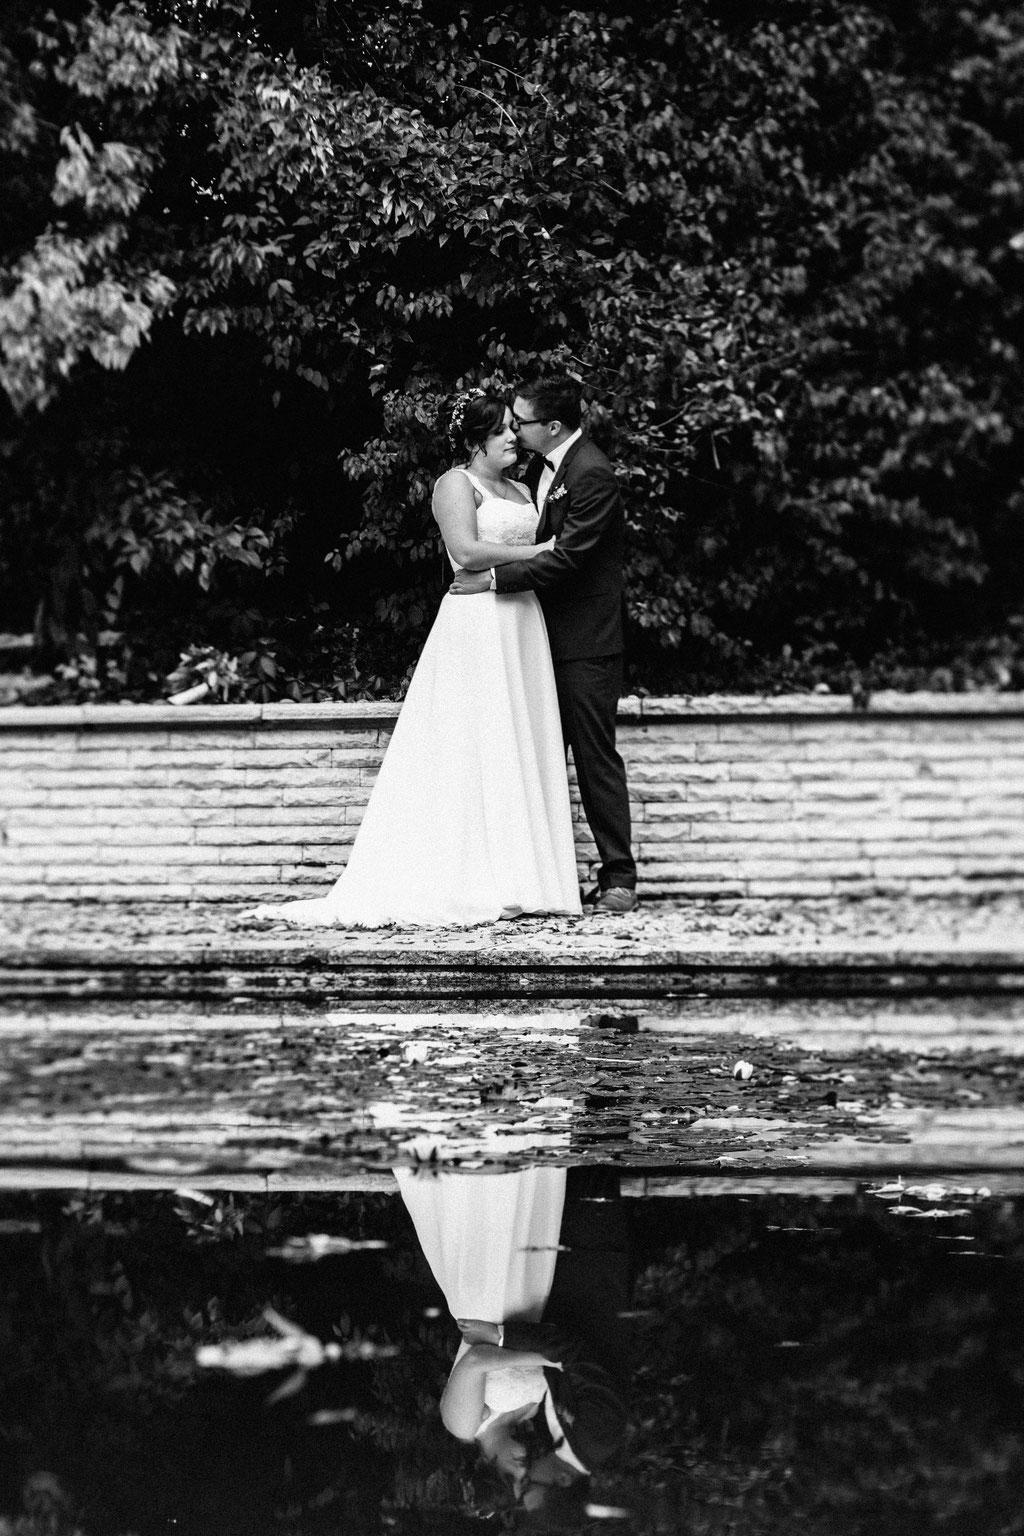 Lentschik, Hochzeitsfotografin Rheingau, Wiesbaden, Standesamt Geisenheim, Brautpaar, Brautpaar-Aufnahmen, Blumen, Porträt, Portrait, Park, Monrepos Geisenheim, Teich, Spiegelung